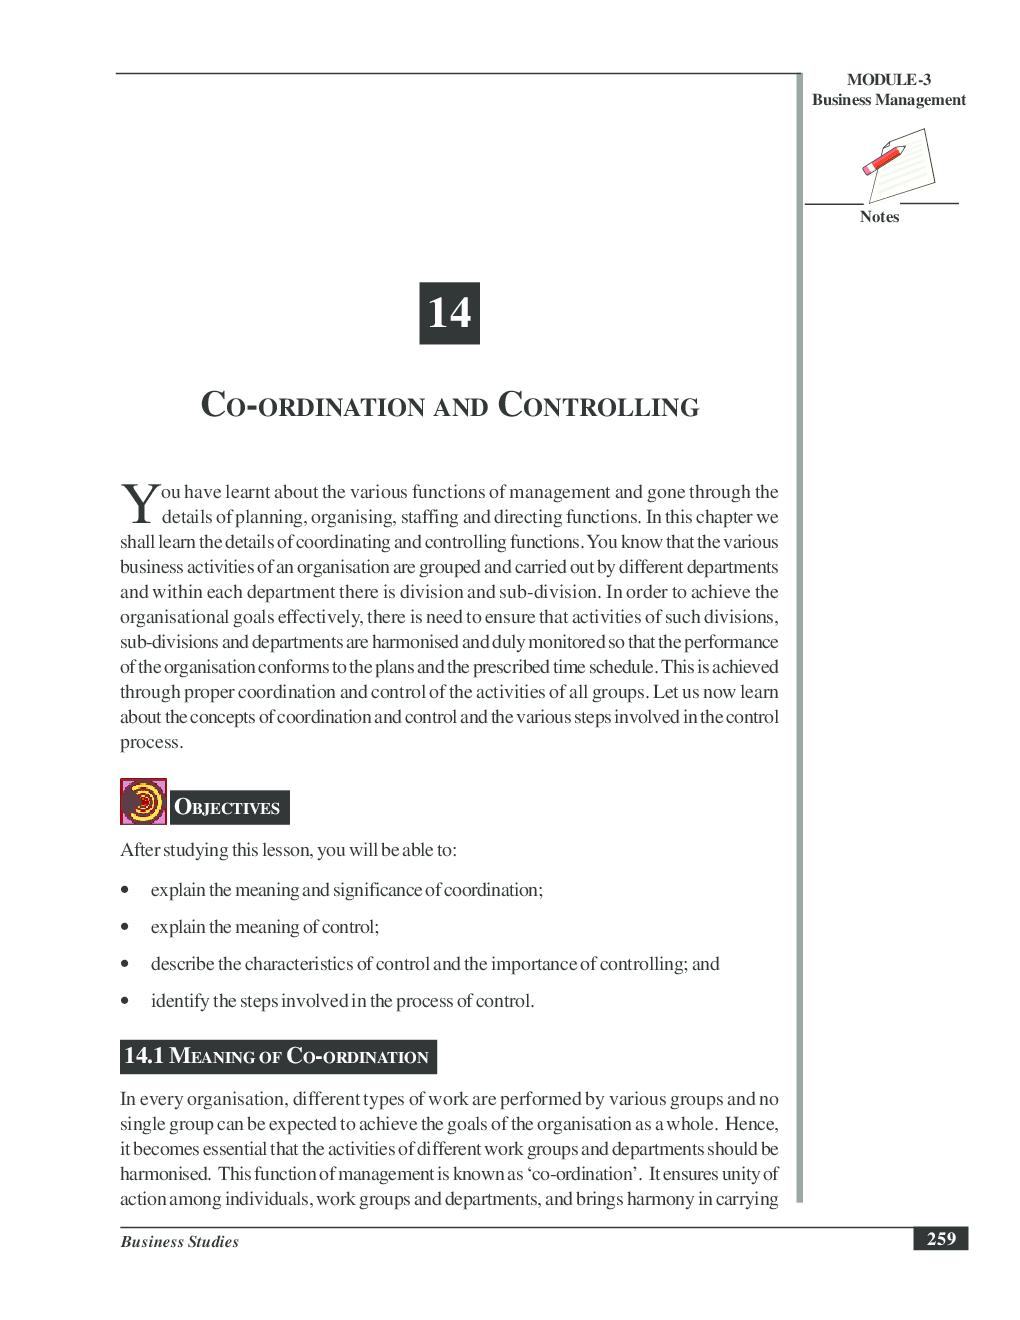 describe coordination